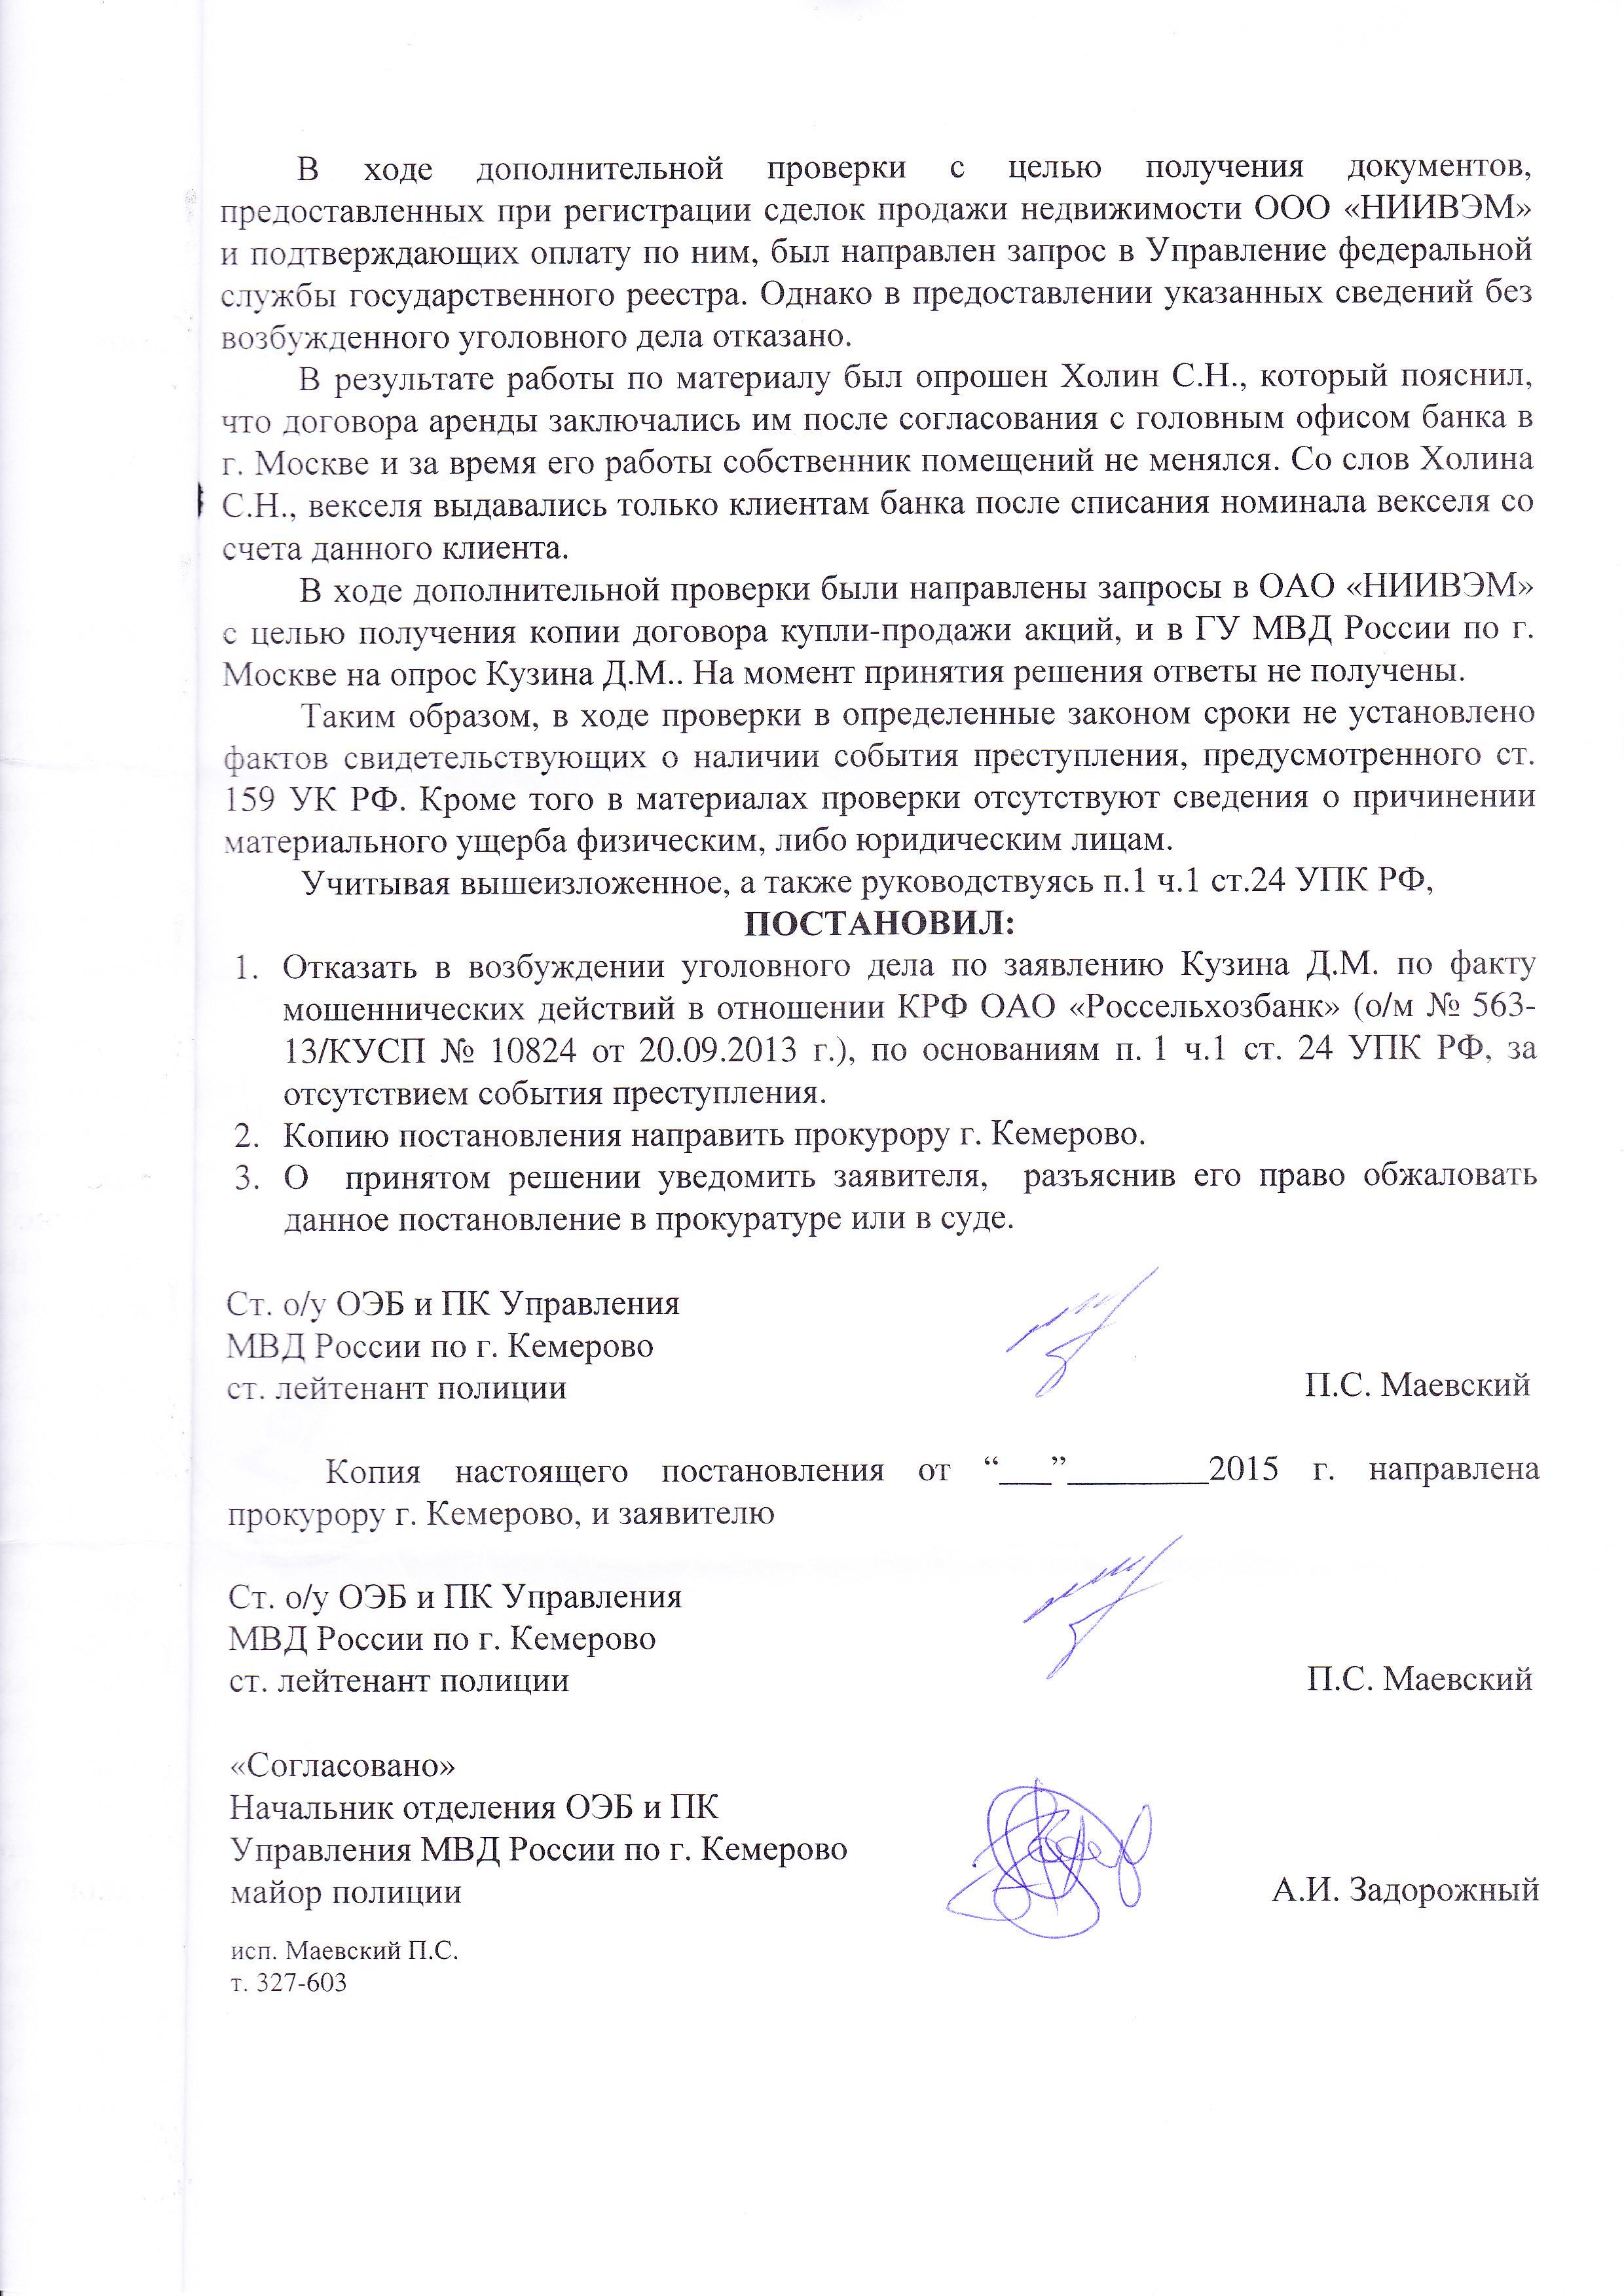 Постановление УВД Кемерова от 31 03 2015 - 2 с